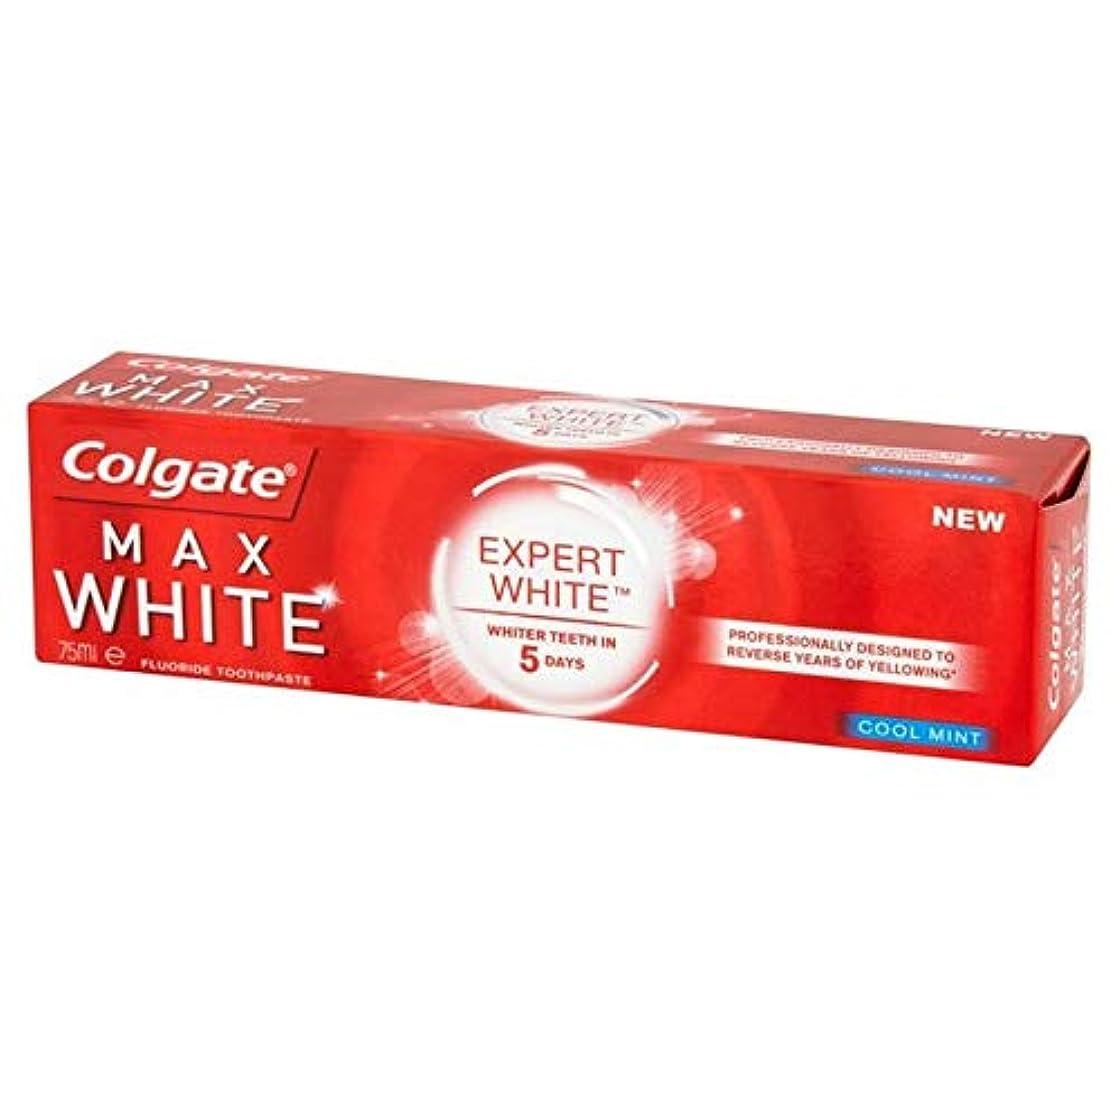 正確さ黙認するアーネストシャクルトン[Colgate ] コルゲート最大白の専門家クールミントホワイトニング歯磨き粉75ミリリットル - Colgate Max White Expert Cool Mint Whitening Toothpaste 75ml...